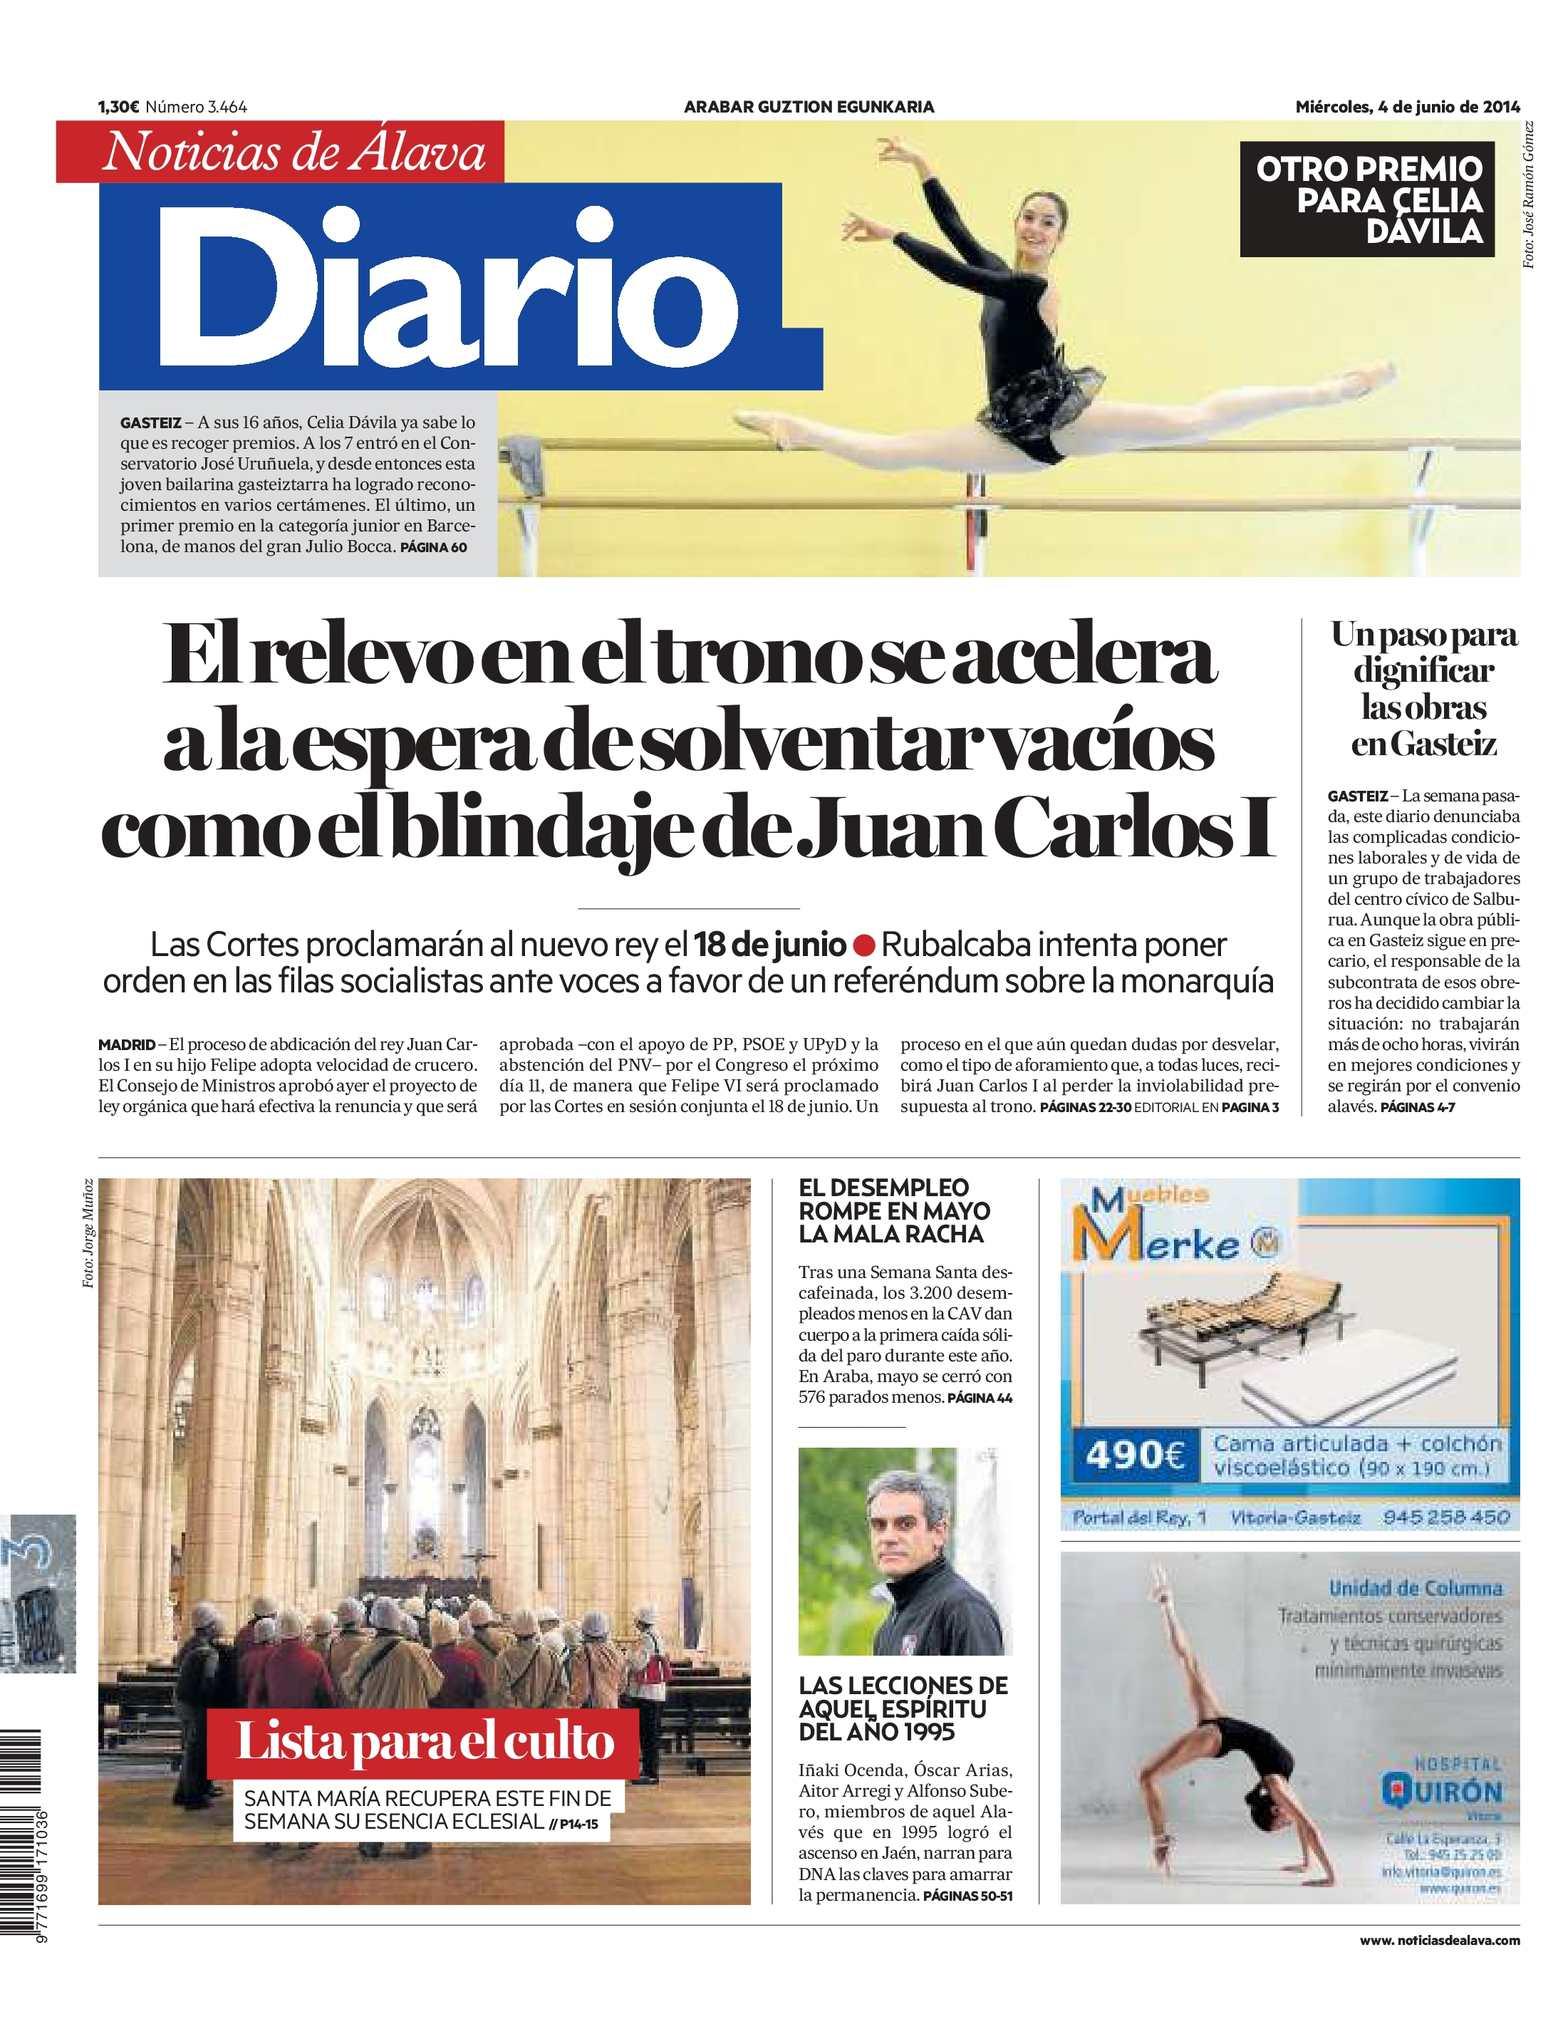 c33c2e89e1 Calaméo - Diario de Noticias de Álava 20140604